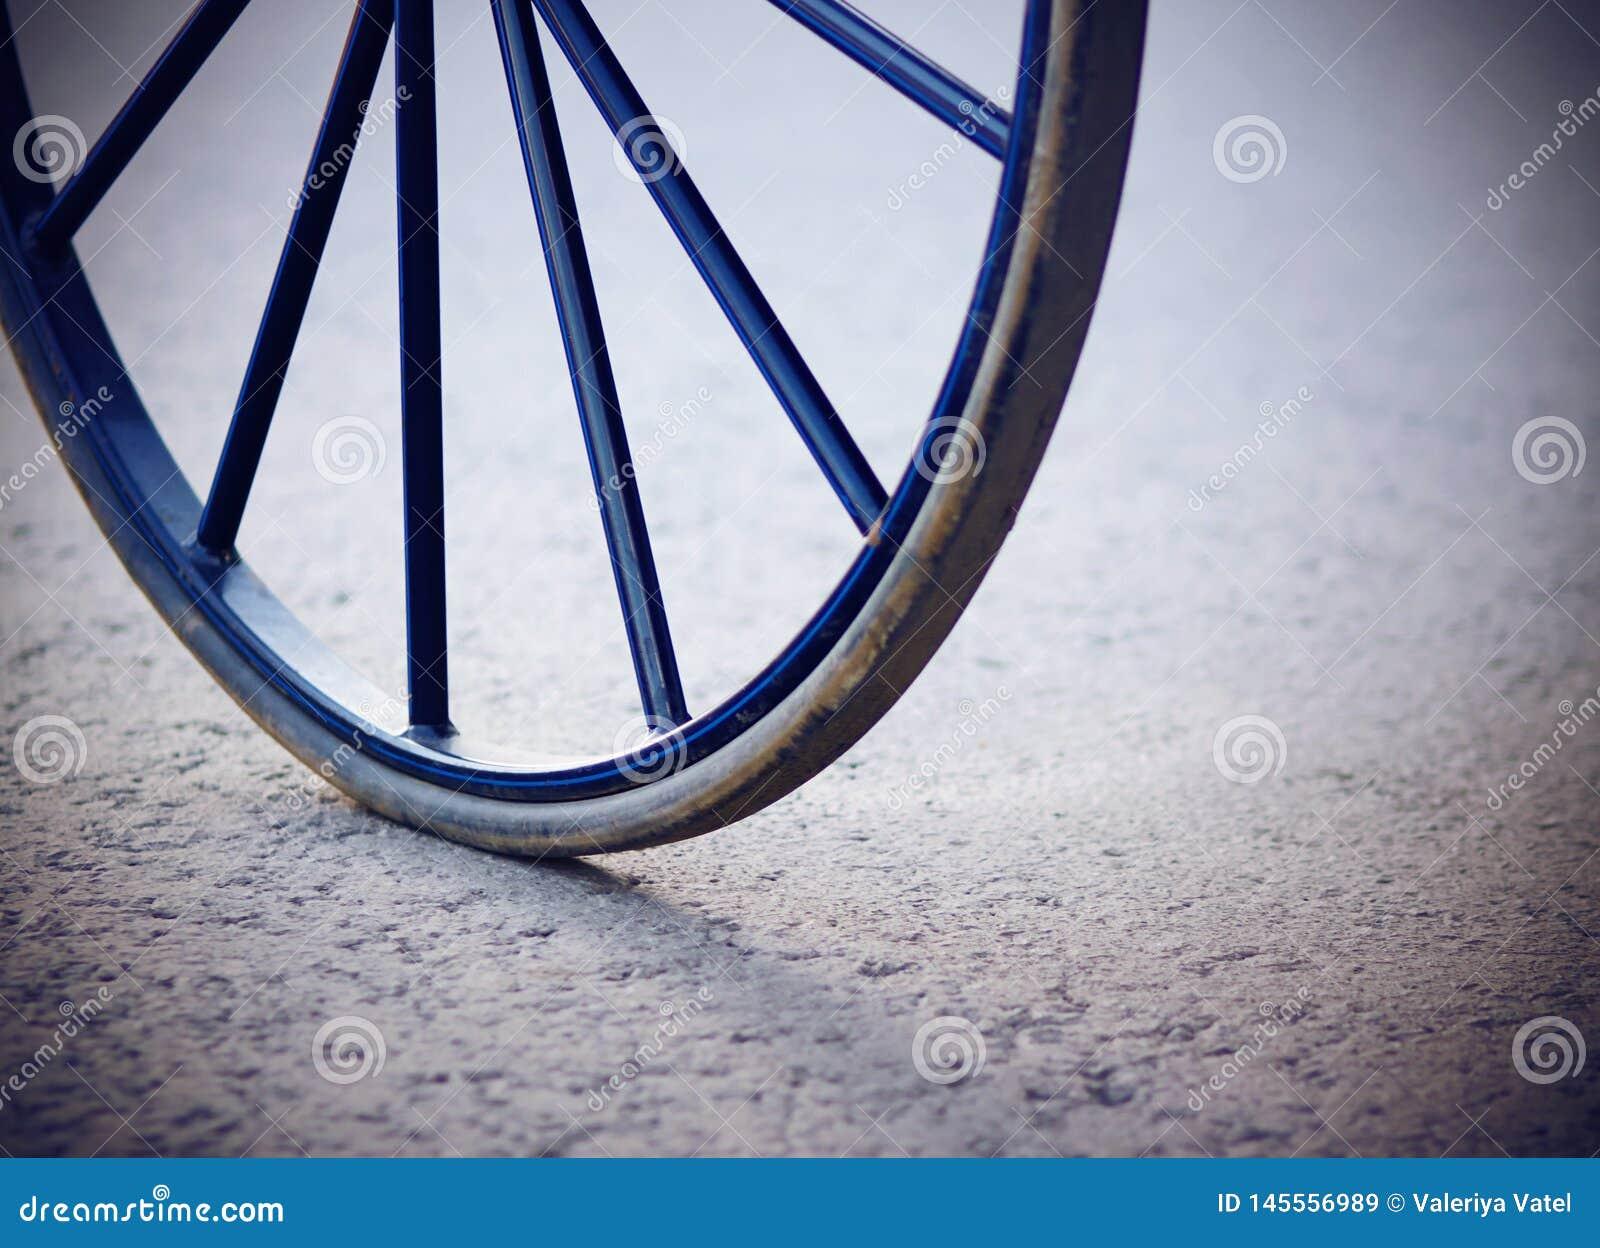 Vecchia retro ruota blu dal trasporto